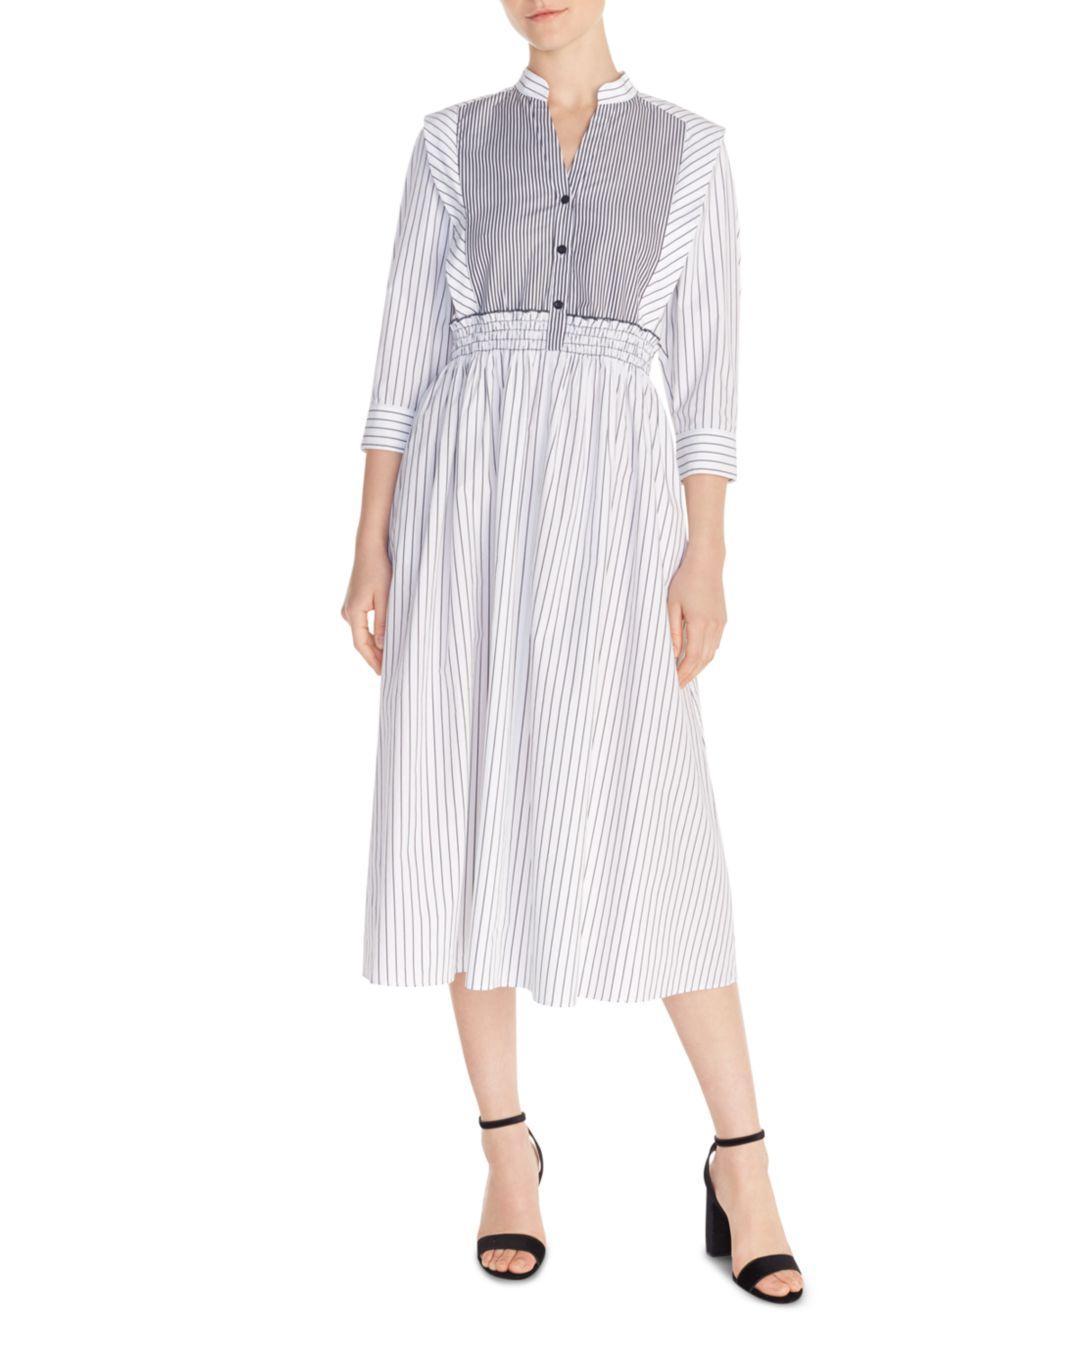 1594b002826 Lyst - Sandro Alison Striped Cotton Midi Dress in White